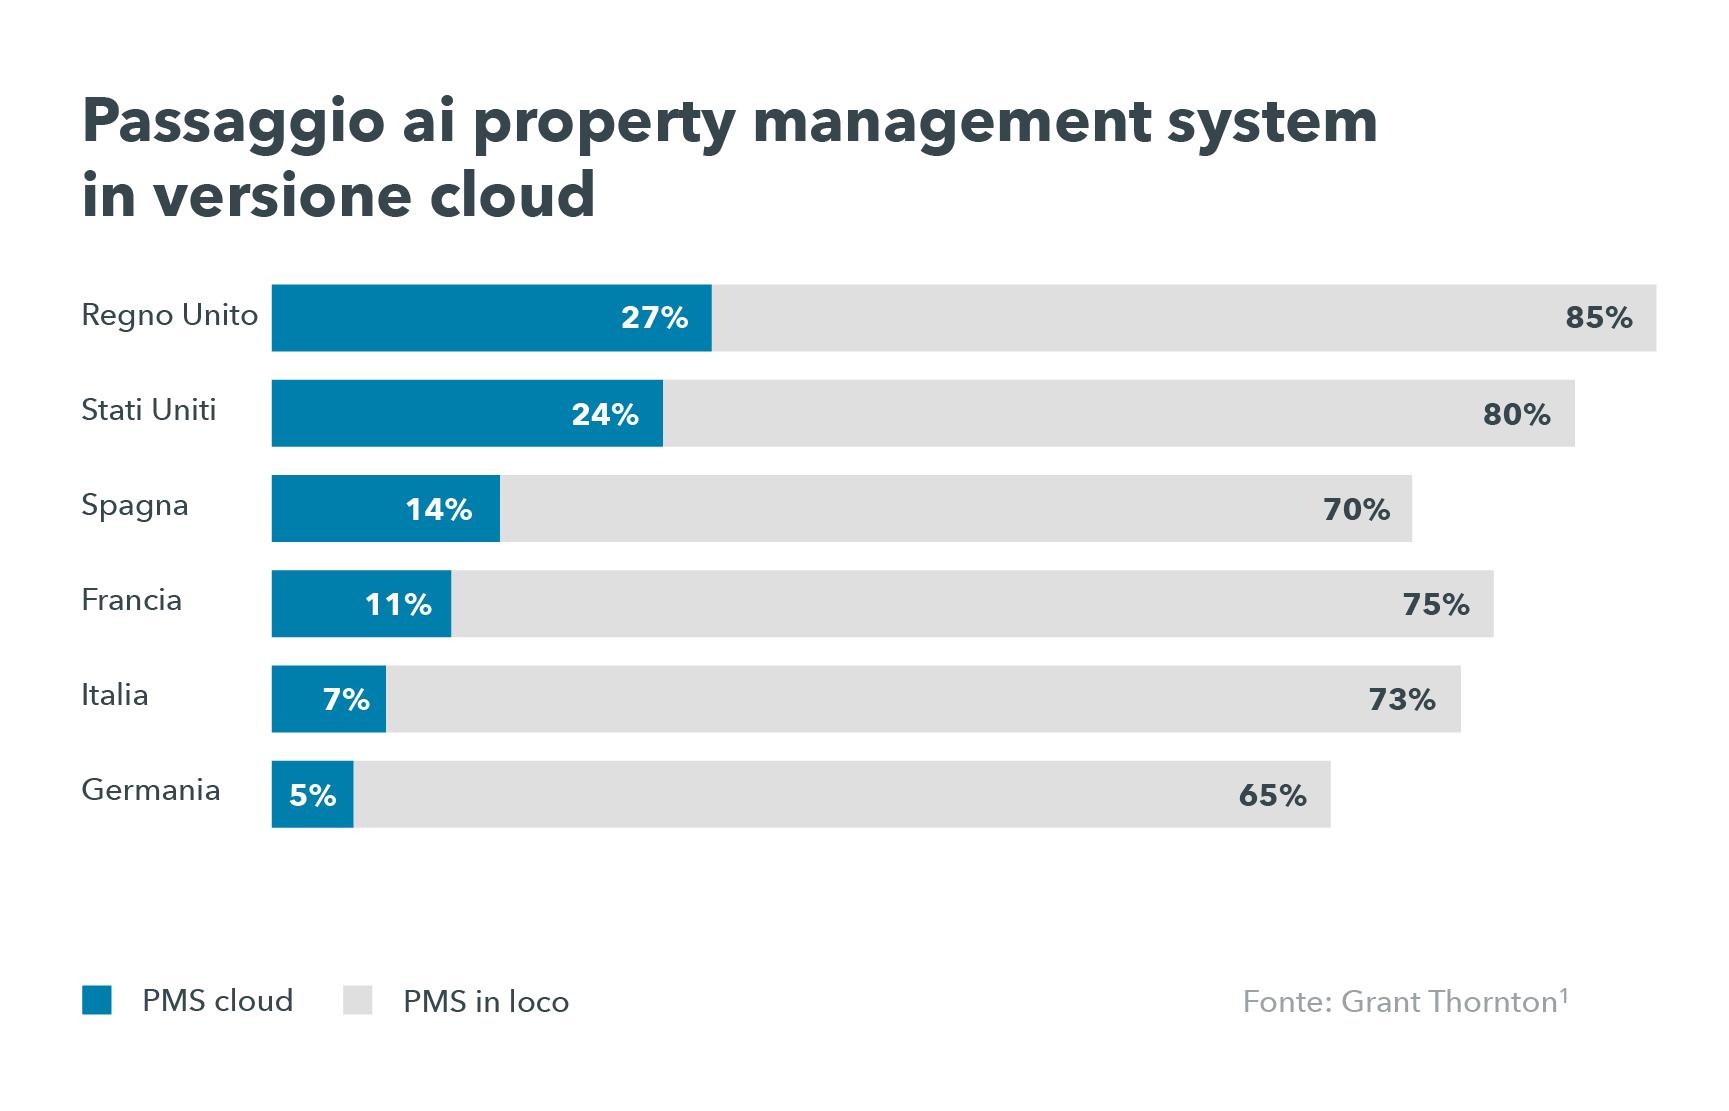 Cos'è un sistema cloud? Un grafico illustra il passaggio dell'industria alberghiera ai PMS cloud.